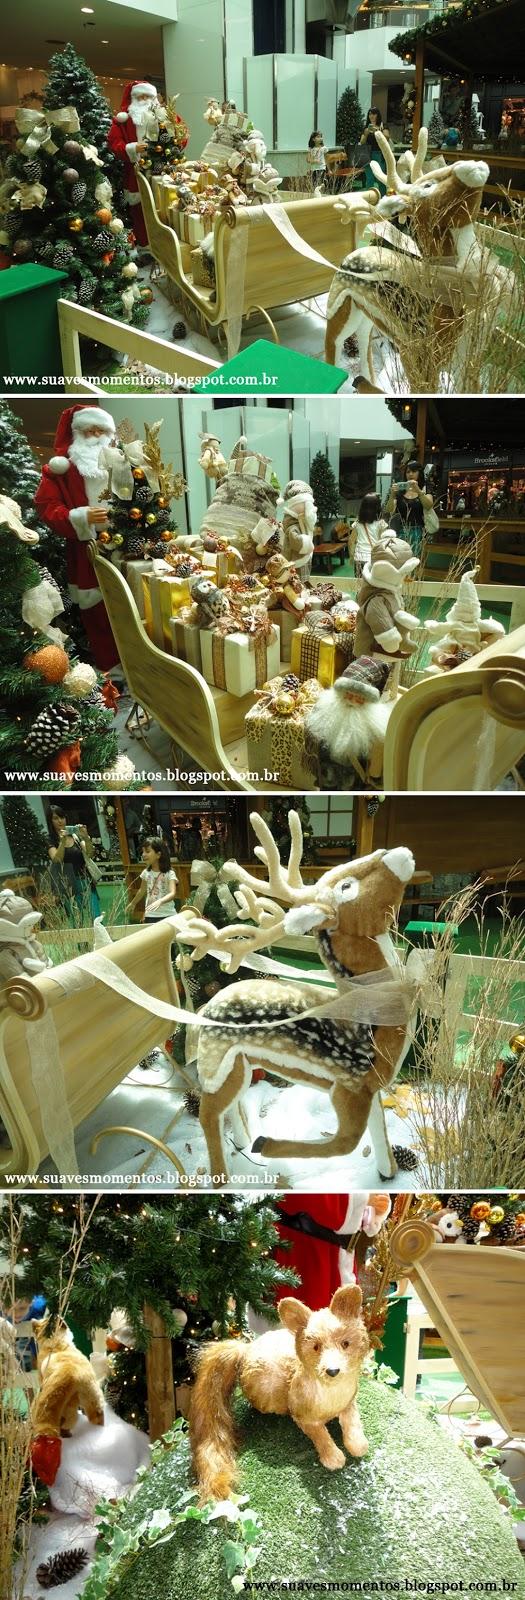 Decoração de natal no shopping